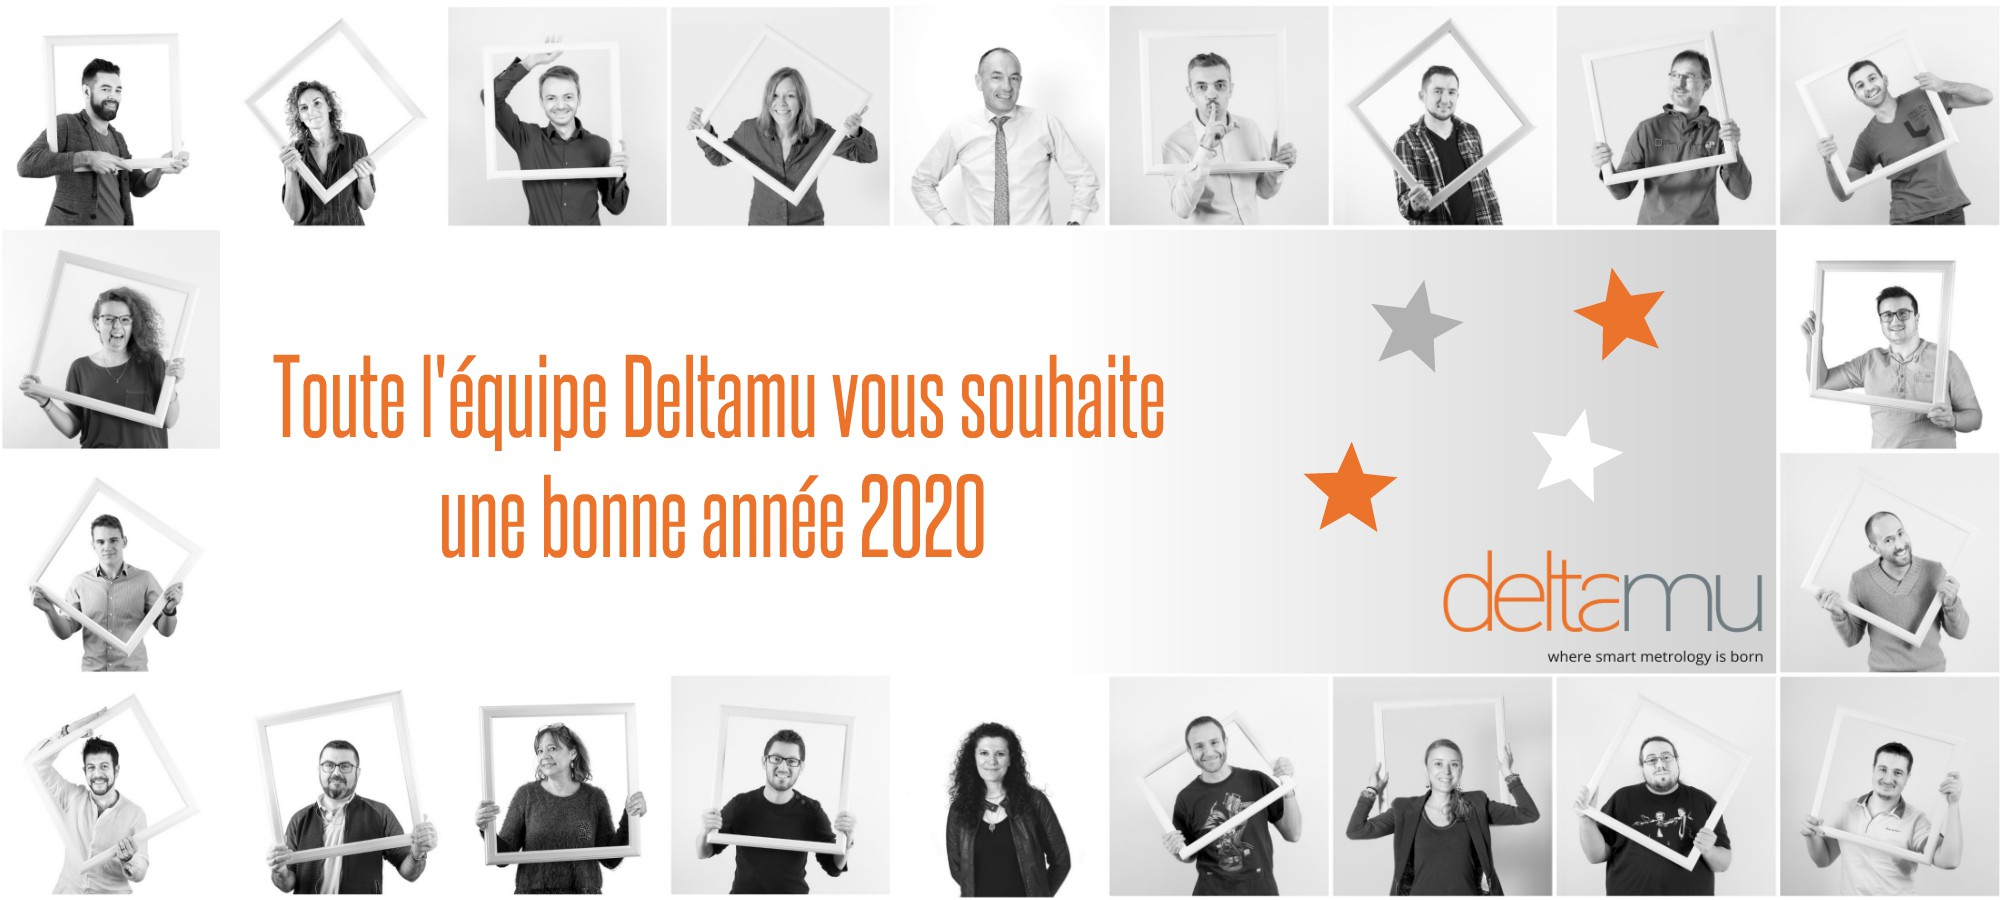 Toute l'équipe Deltamu vous souhaite une bonne année 2020